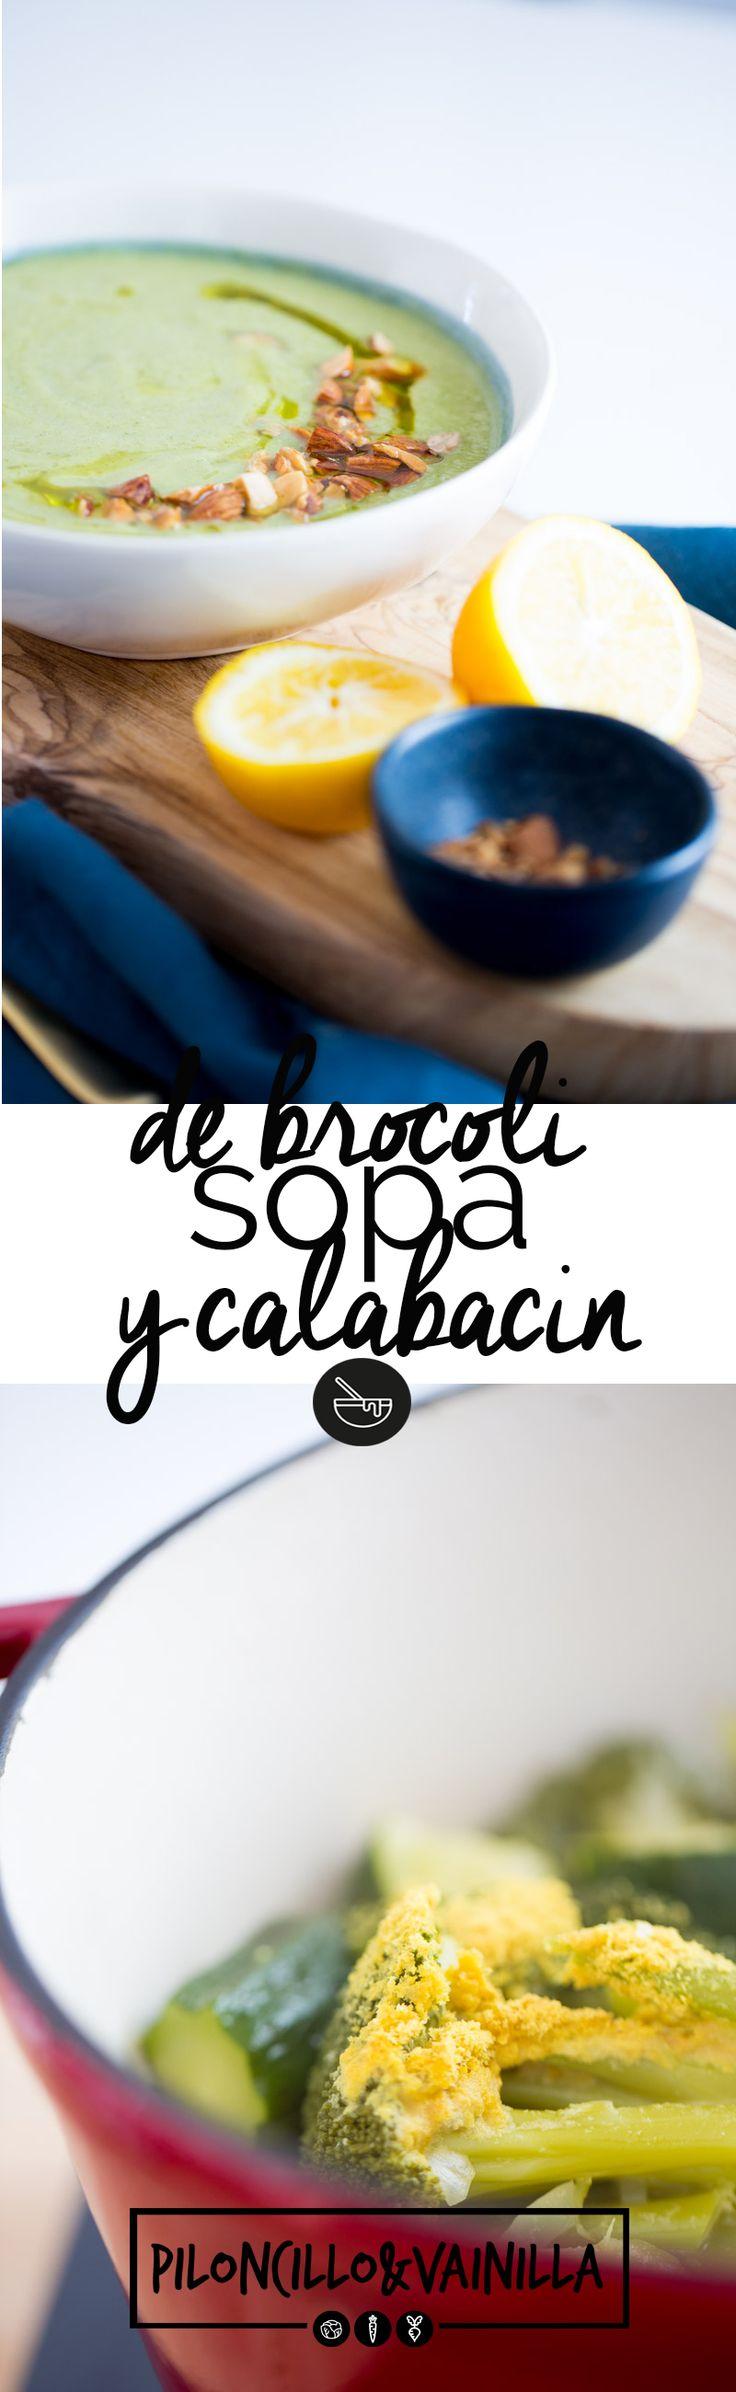 Sopa de brócoli y calabacín con vitamina B12 es la sopa perfecta para cuando queremos comer saludable y delicioso pero cocinando super rápido.  via @piloncilloyv